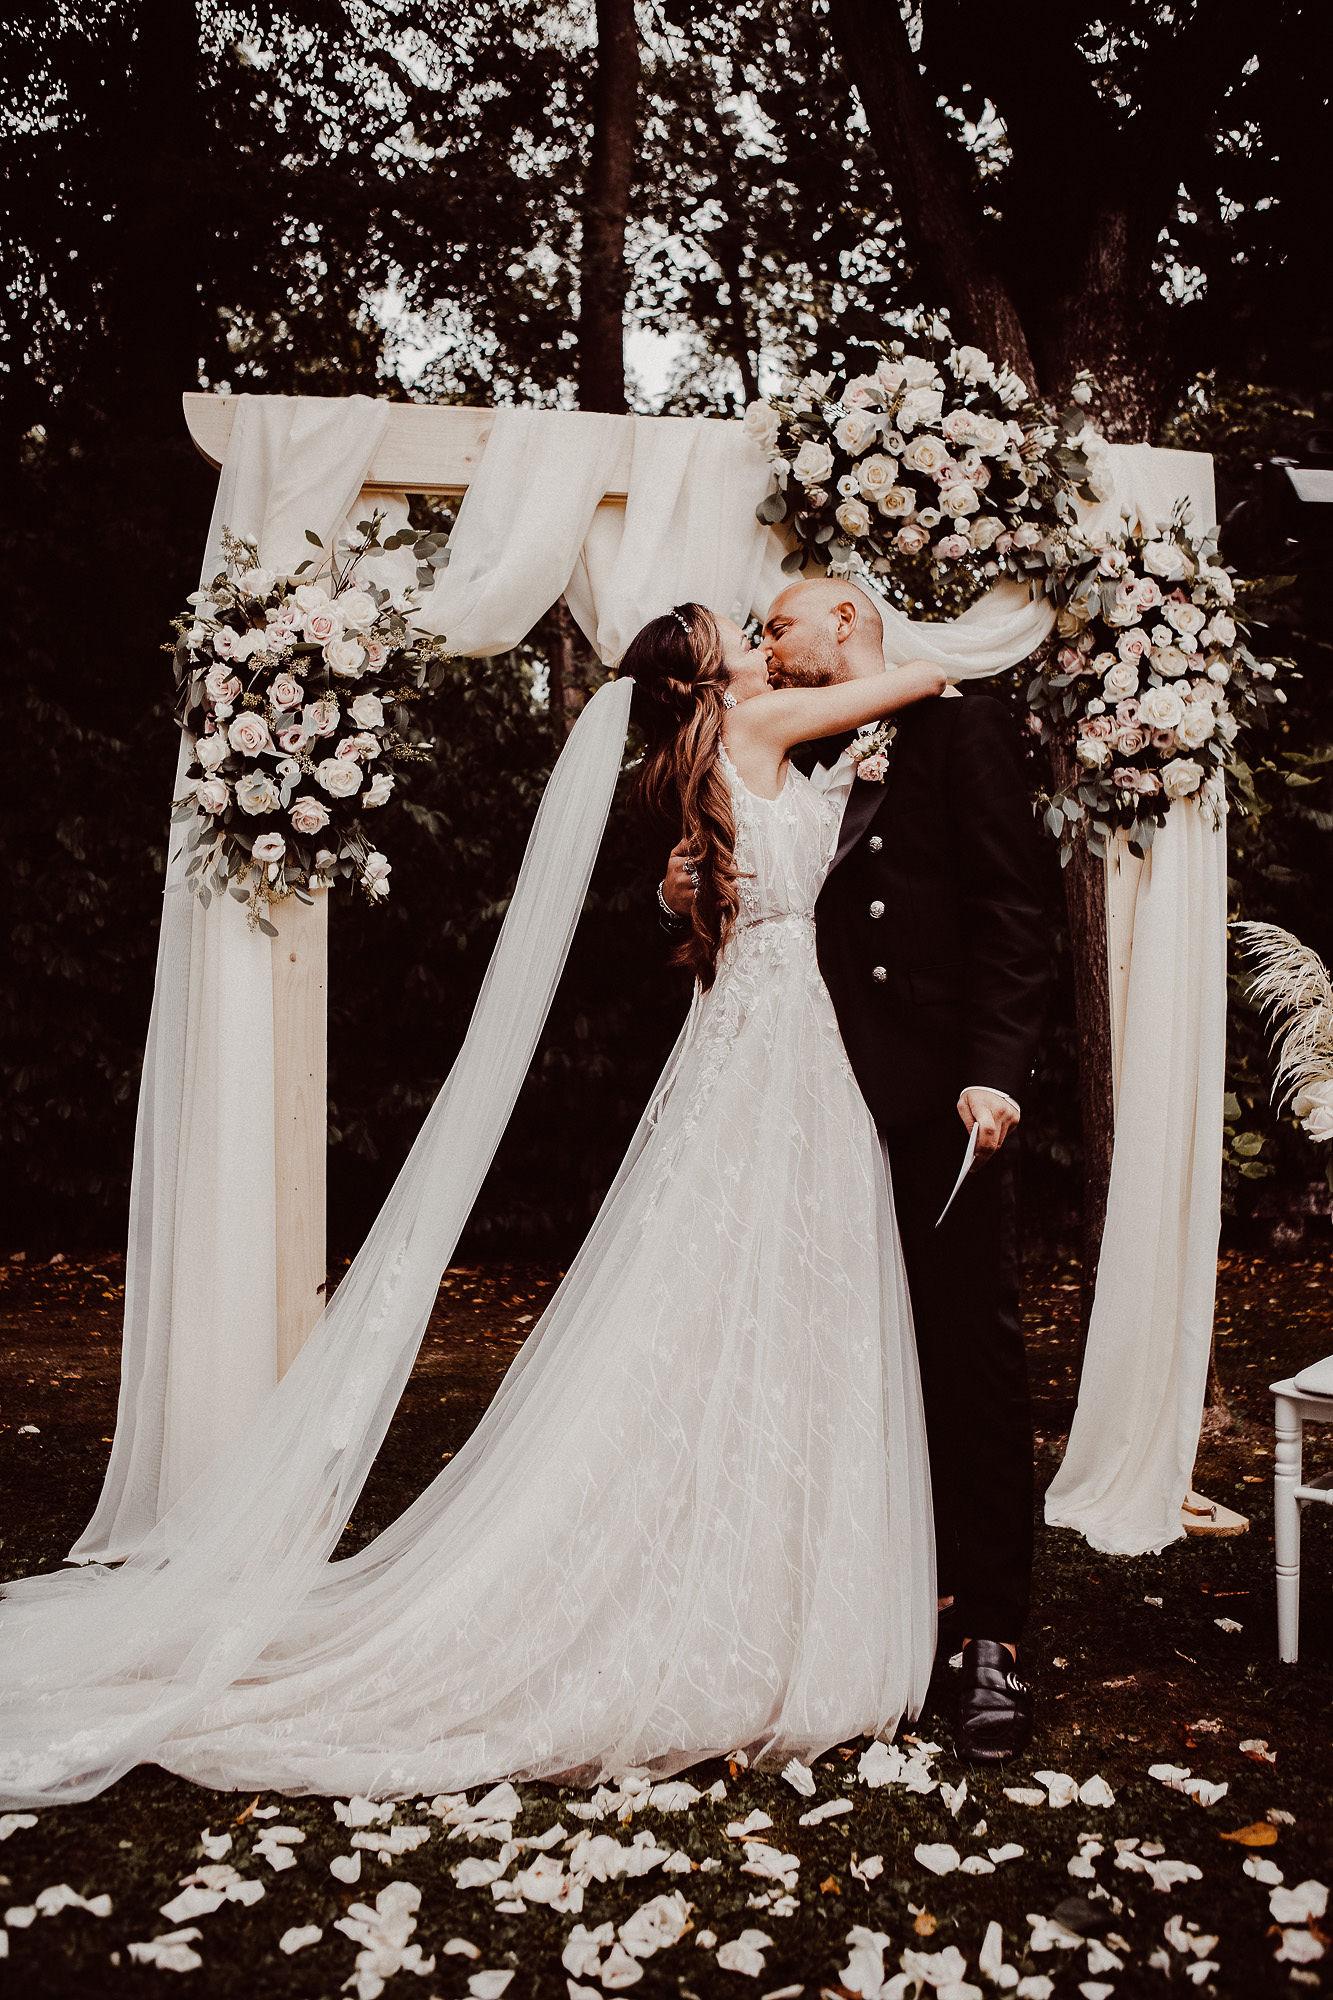 Mariage Moulin de Launoy mariage décoration mariage fleuriste mariage fleurs d'un jour aurélie lafond doligniere